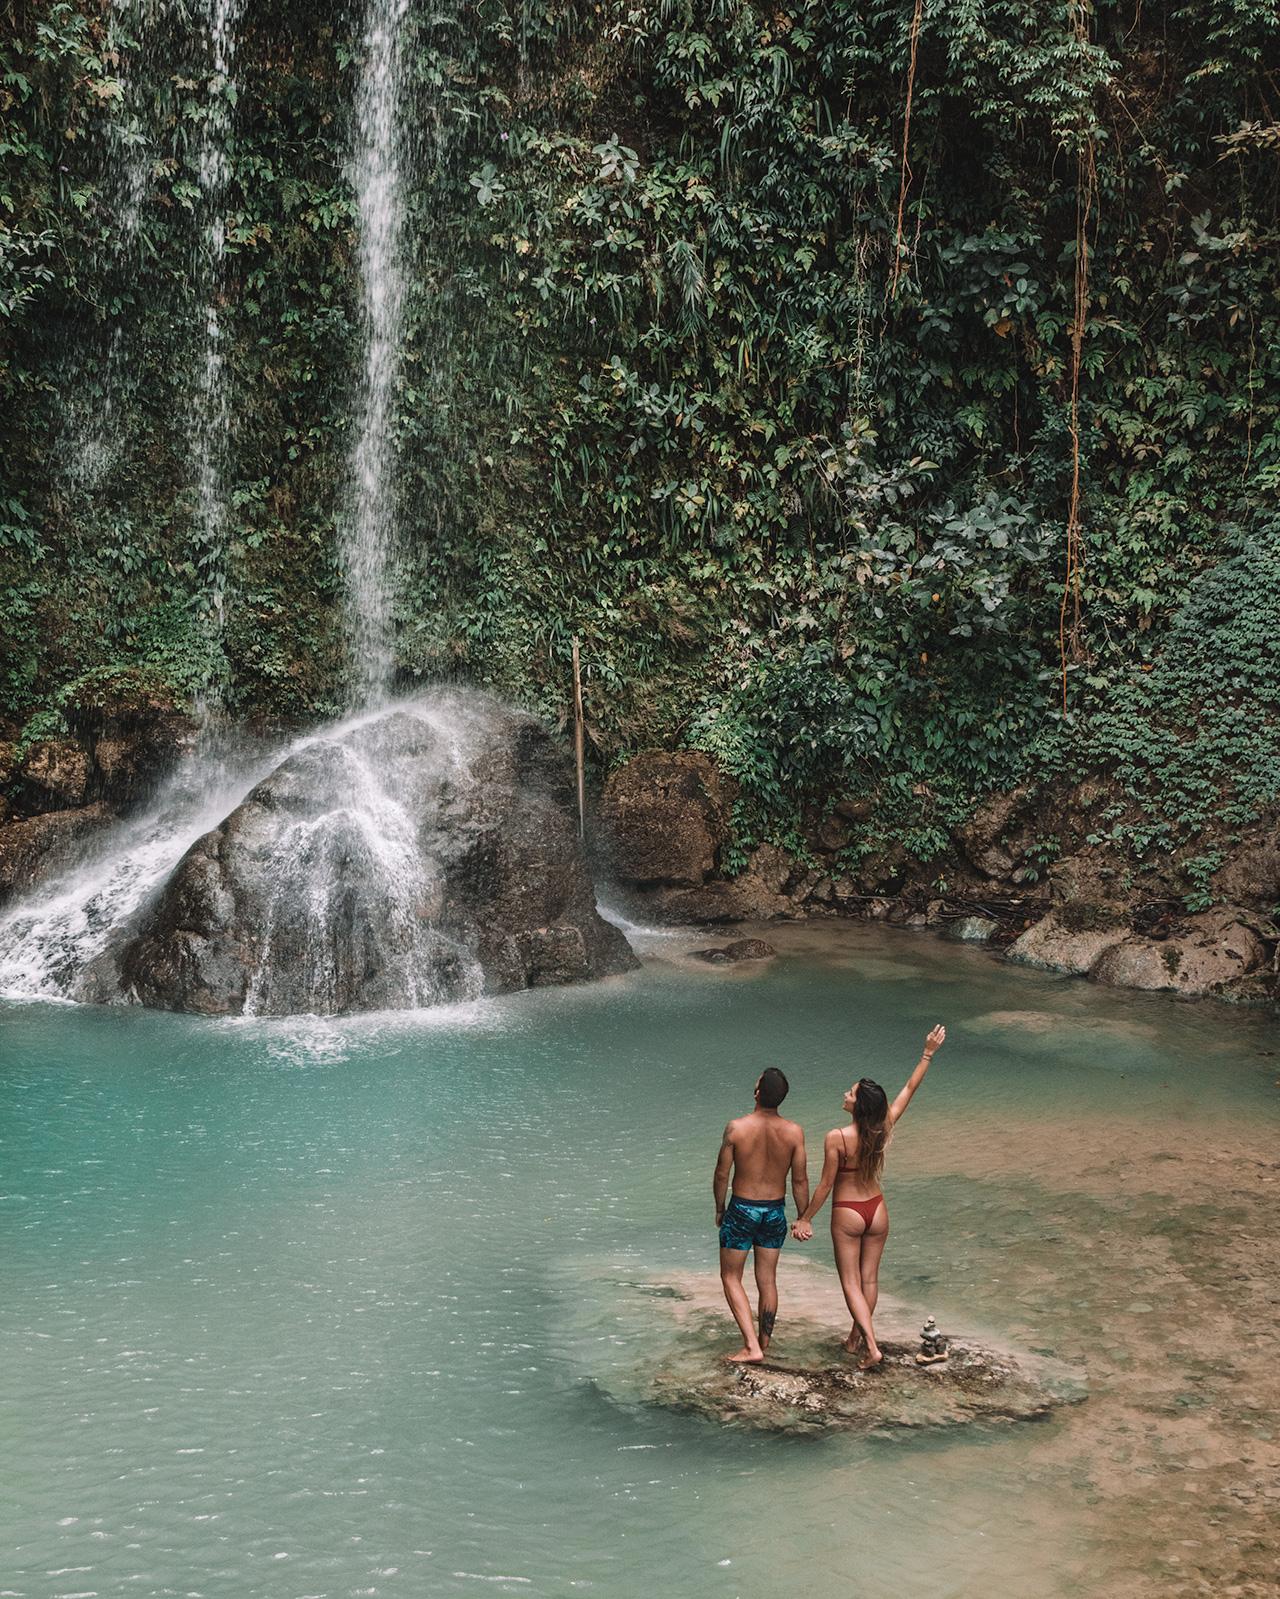 the adventure starts here cebu waterfall guide philippines wild nature beautiful